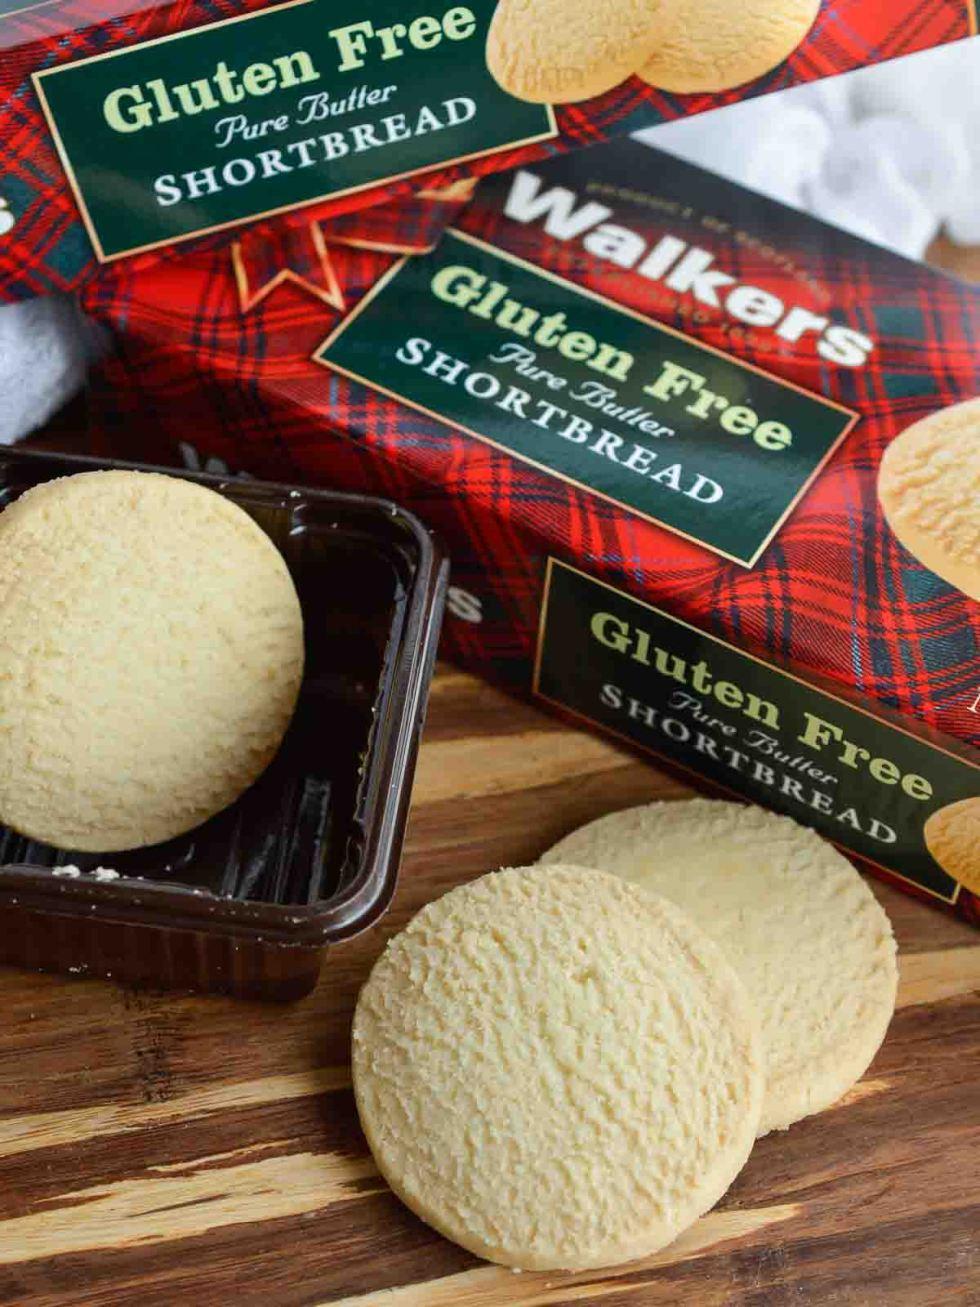 Gluten Free Walkers Shortbread